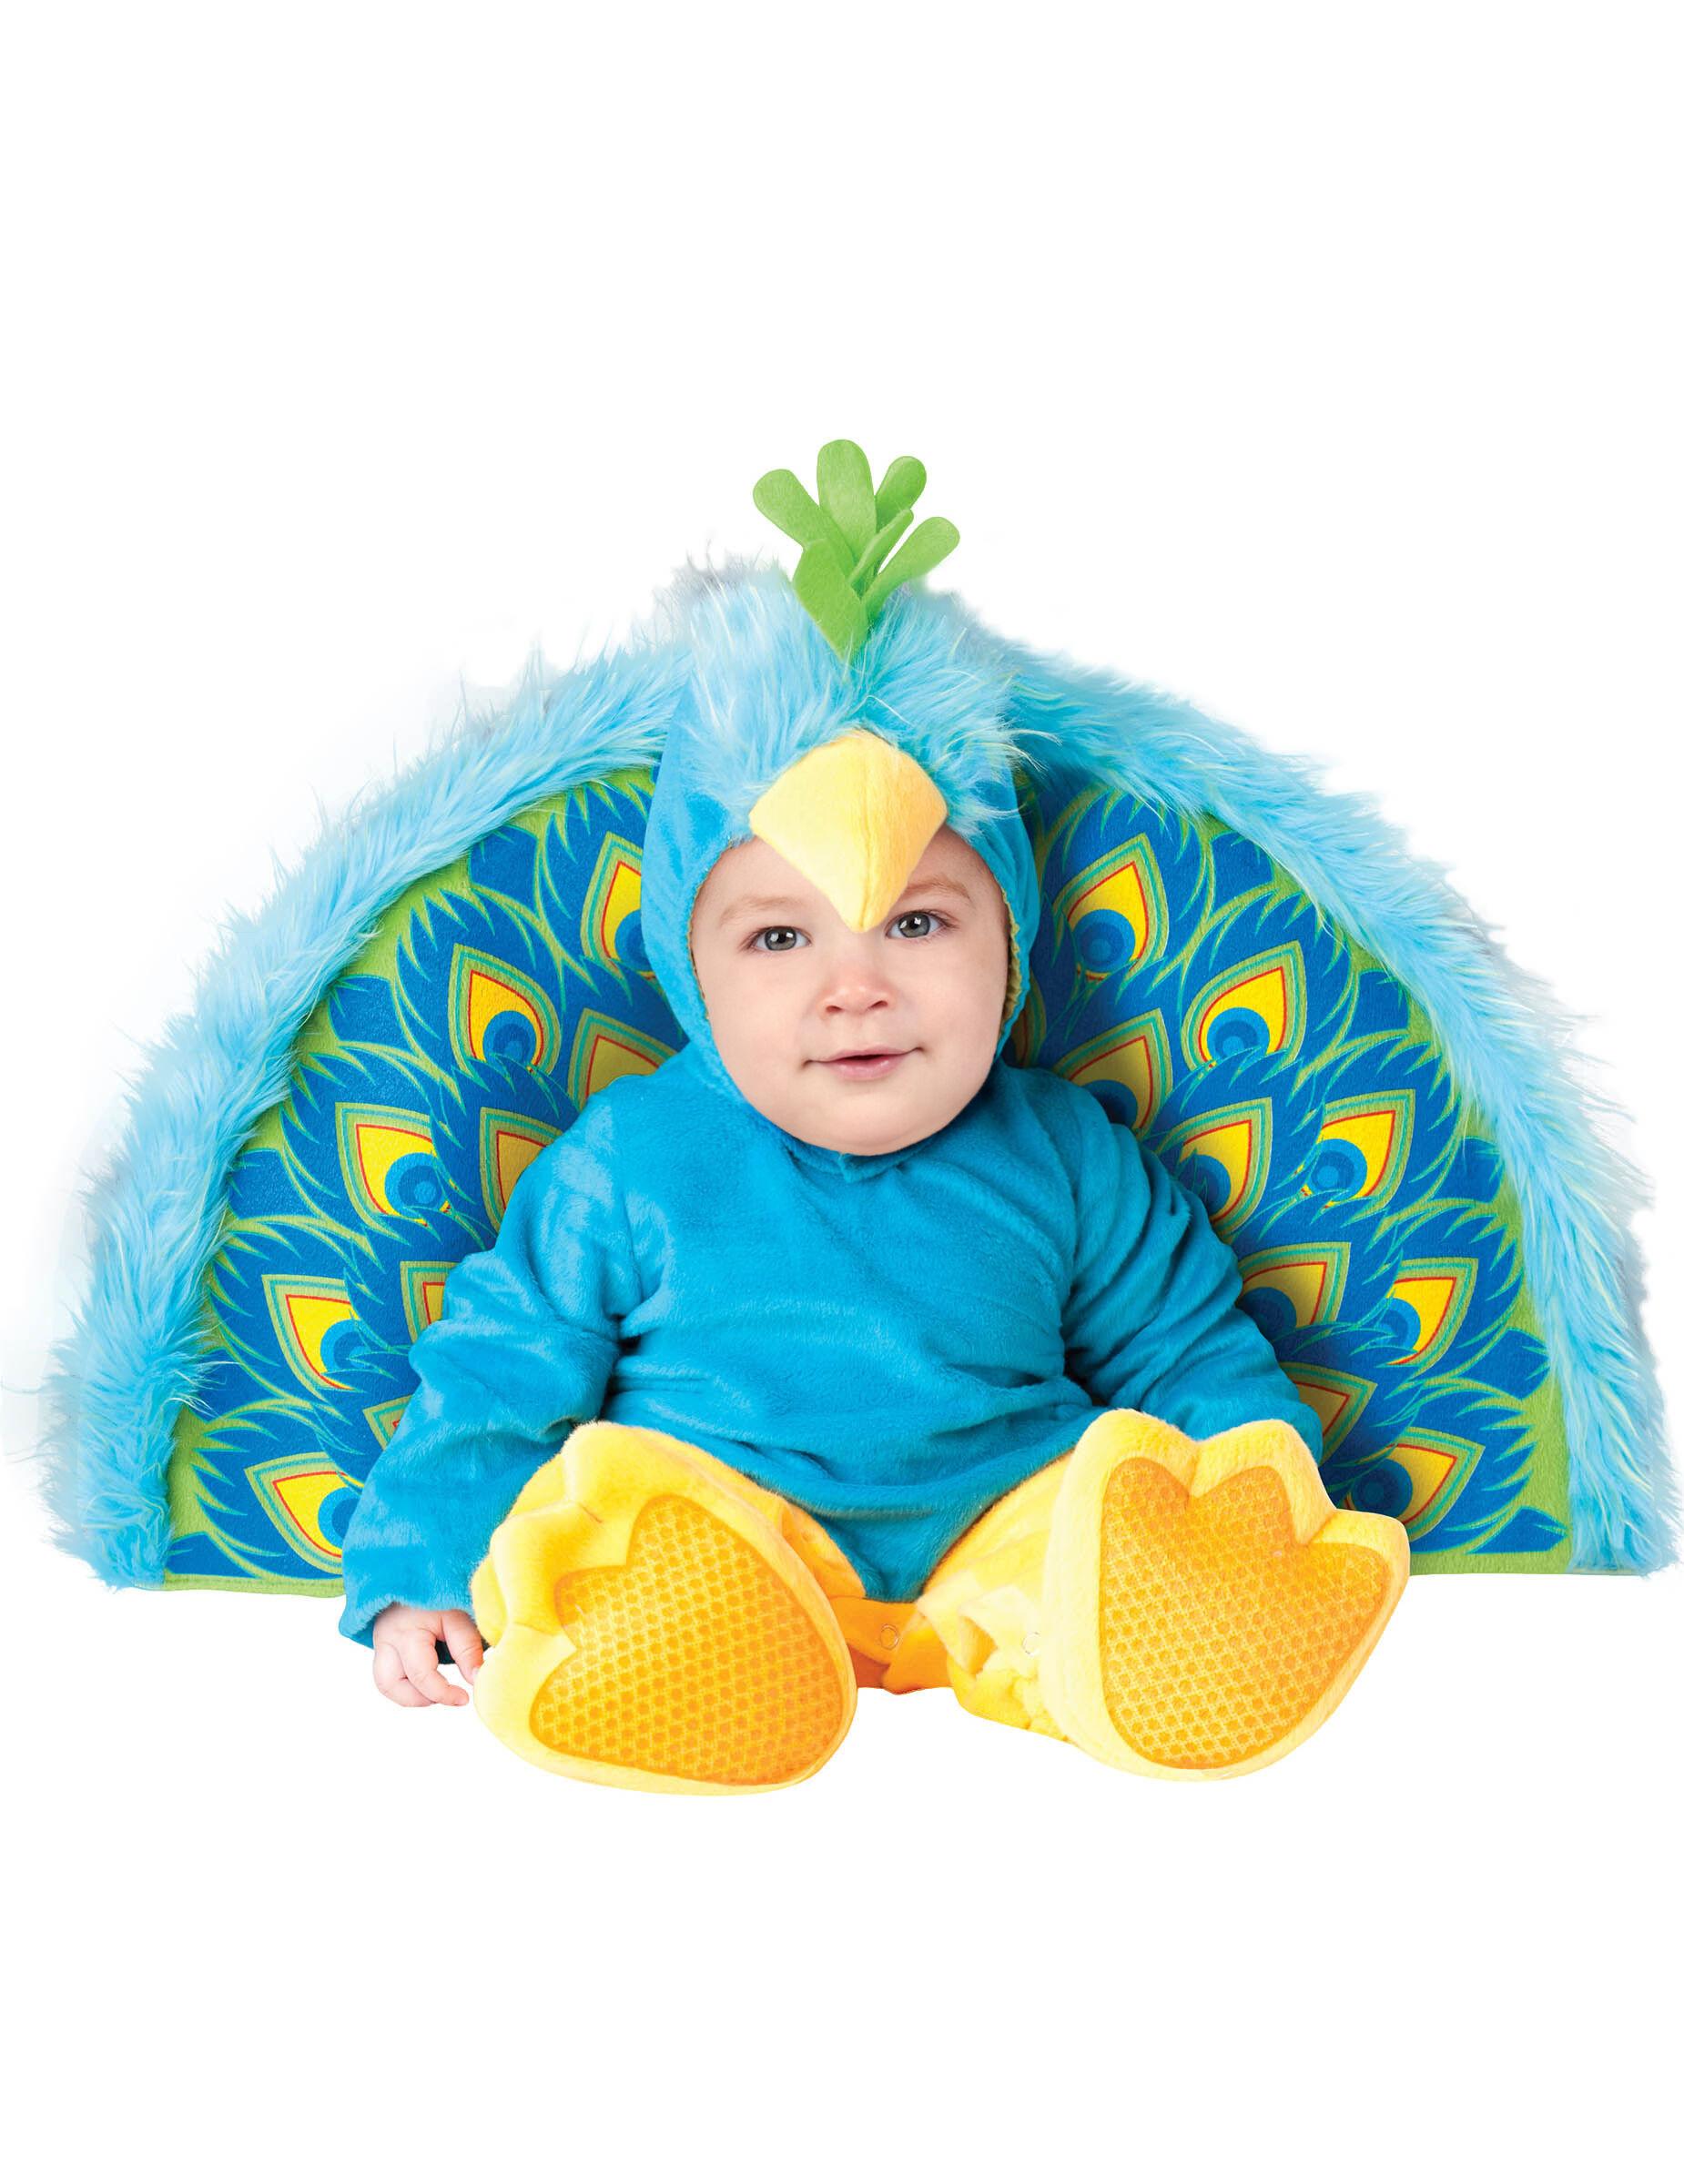 Deguisetoi Déguisement Paon pour bébé - Premium - Taille: 12-18 mois (74-81 cm)